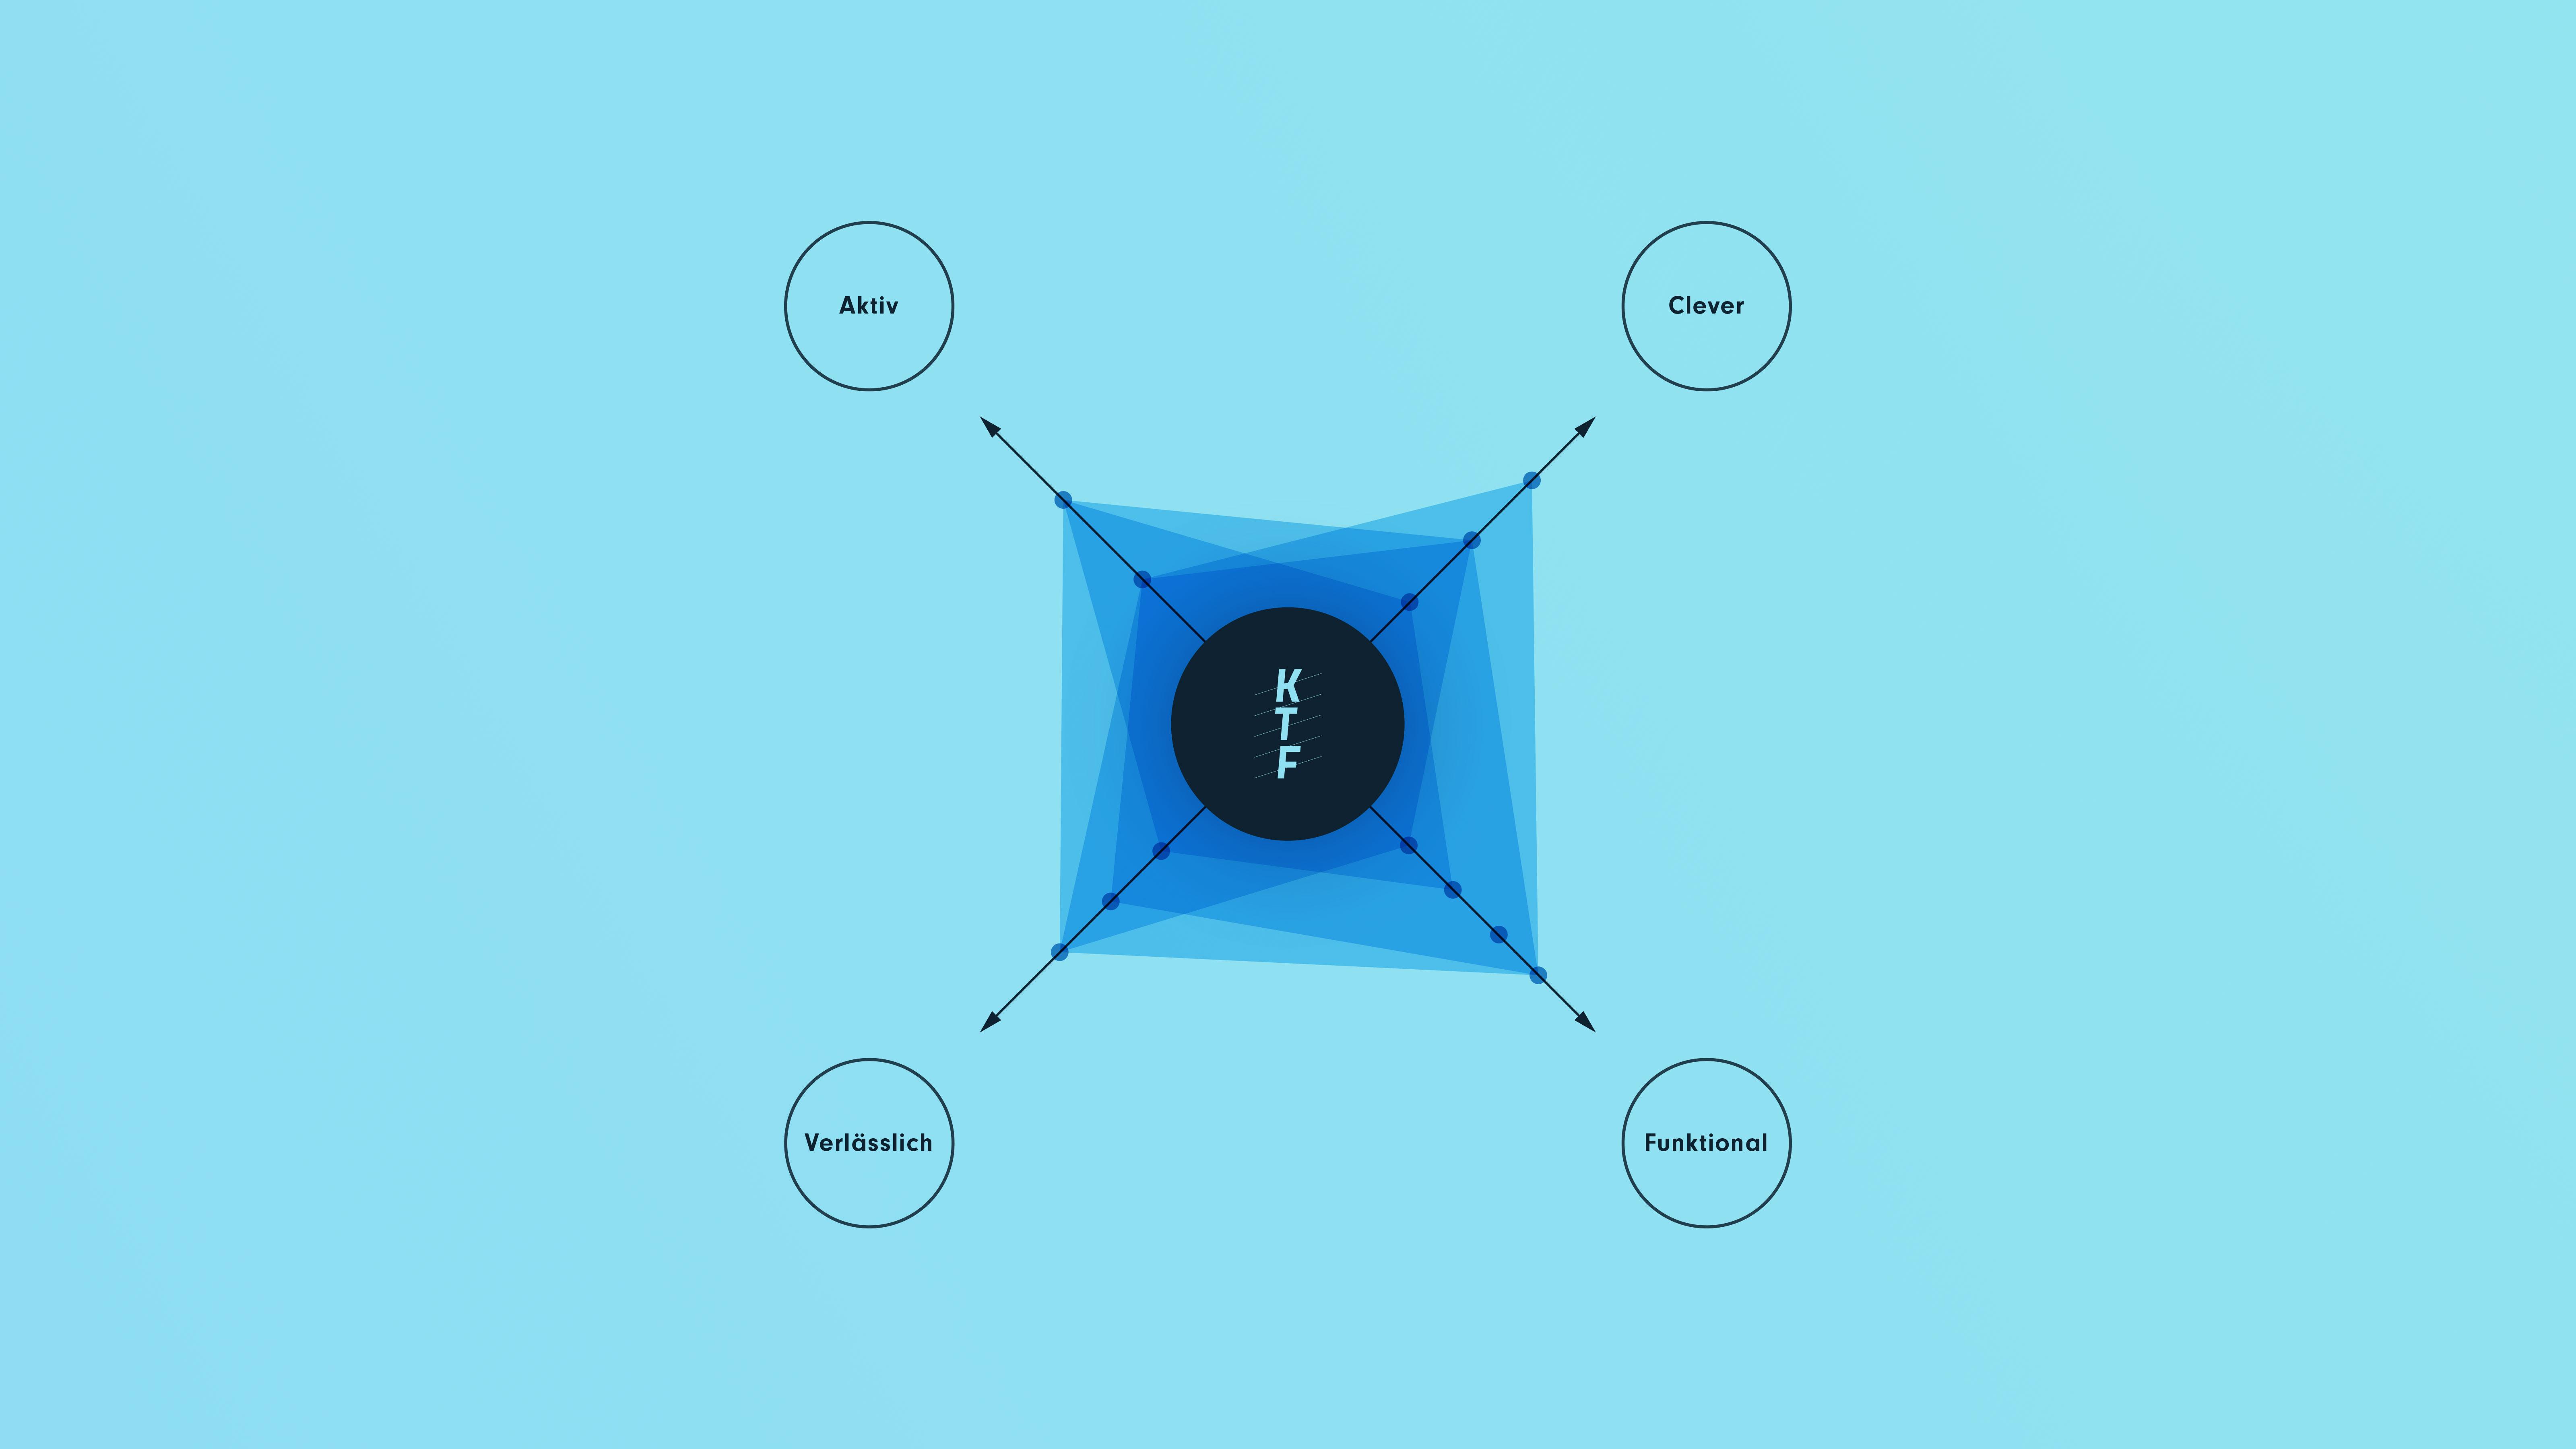 Koordinatensytem mit 4 Vektoren, Aktiv, Clever, Funktional, Verlässlich, verschiedene Flächen die sich zwischen den Vektoren spannen, Logo